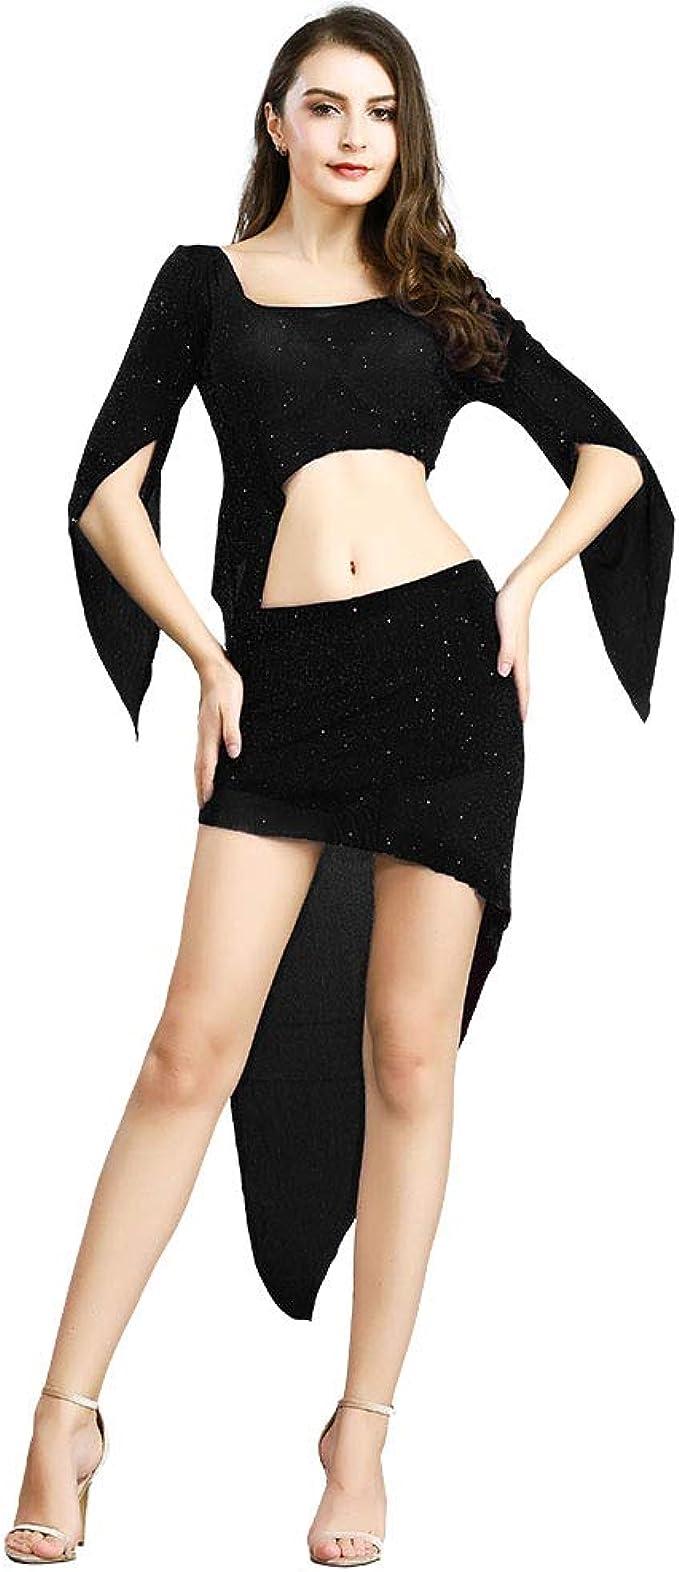 Amazon.com: ROYAL SMEELA - Disfraz de danza del vientre para ...